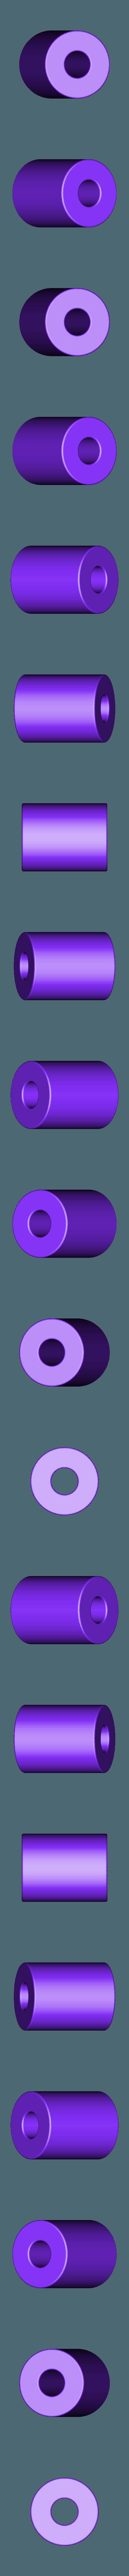 lain_bearing.STL Télécharger fichier STL gratuit Nettoyant pour panne à souder • Modèle à imprimer en 3D, perinski